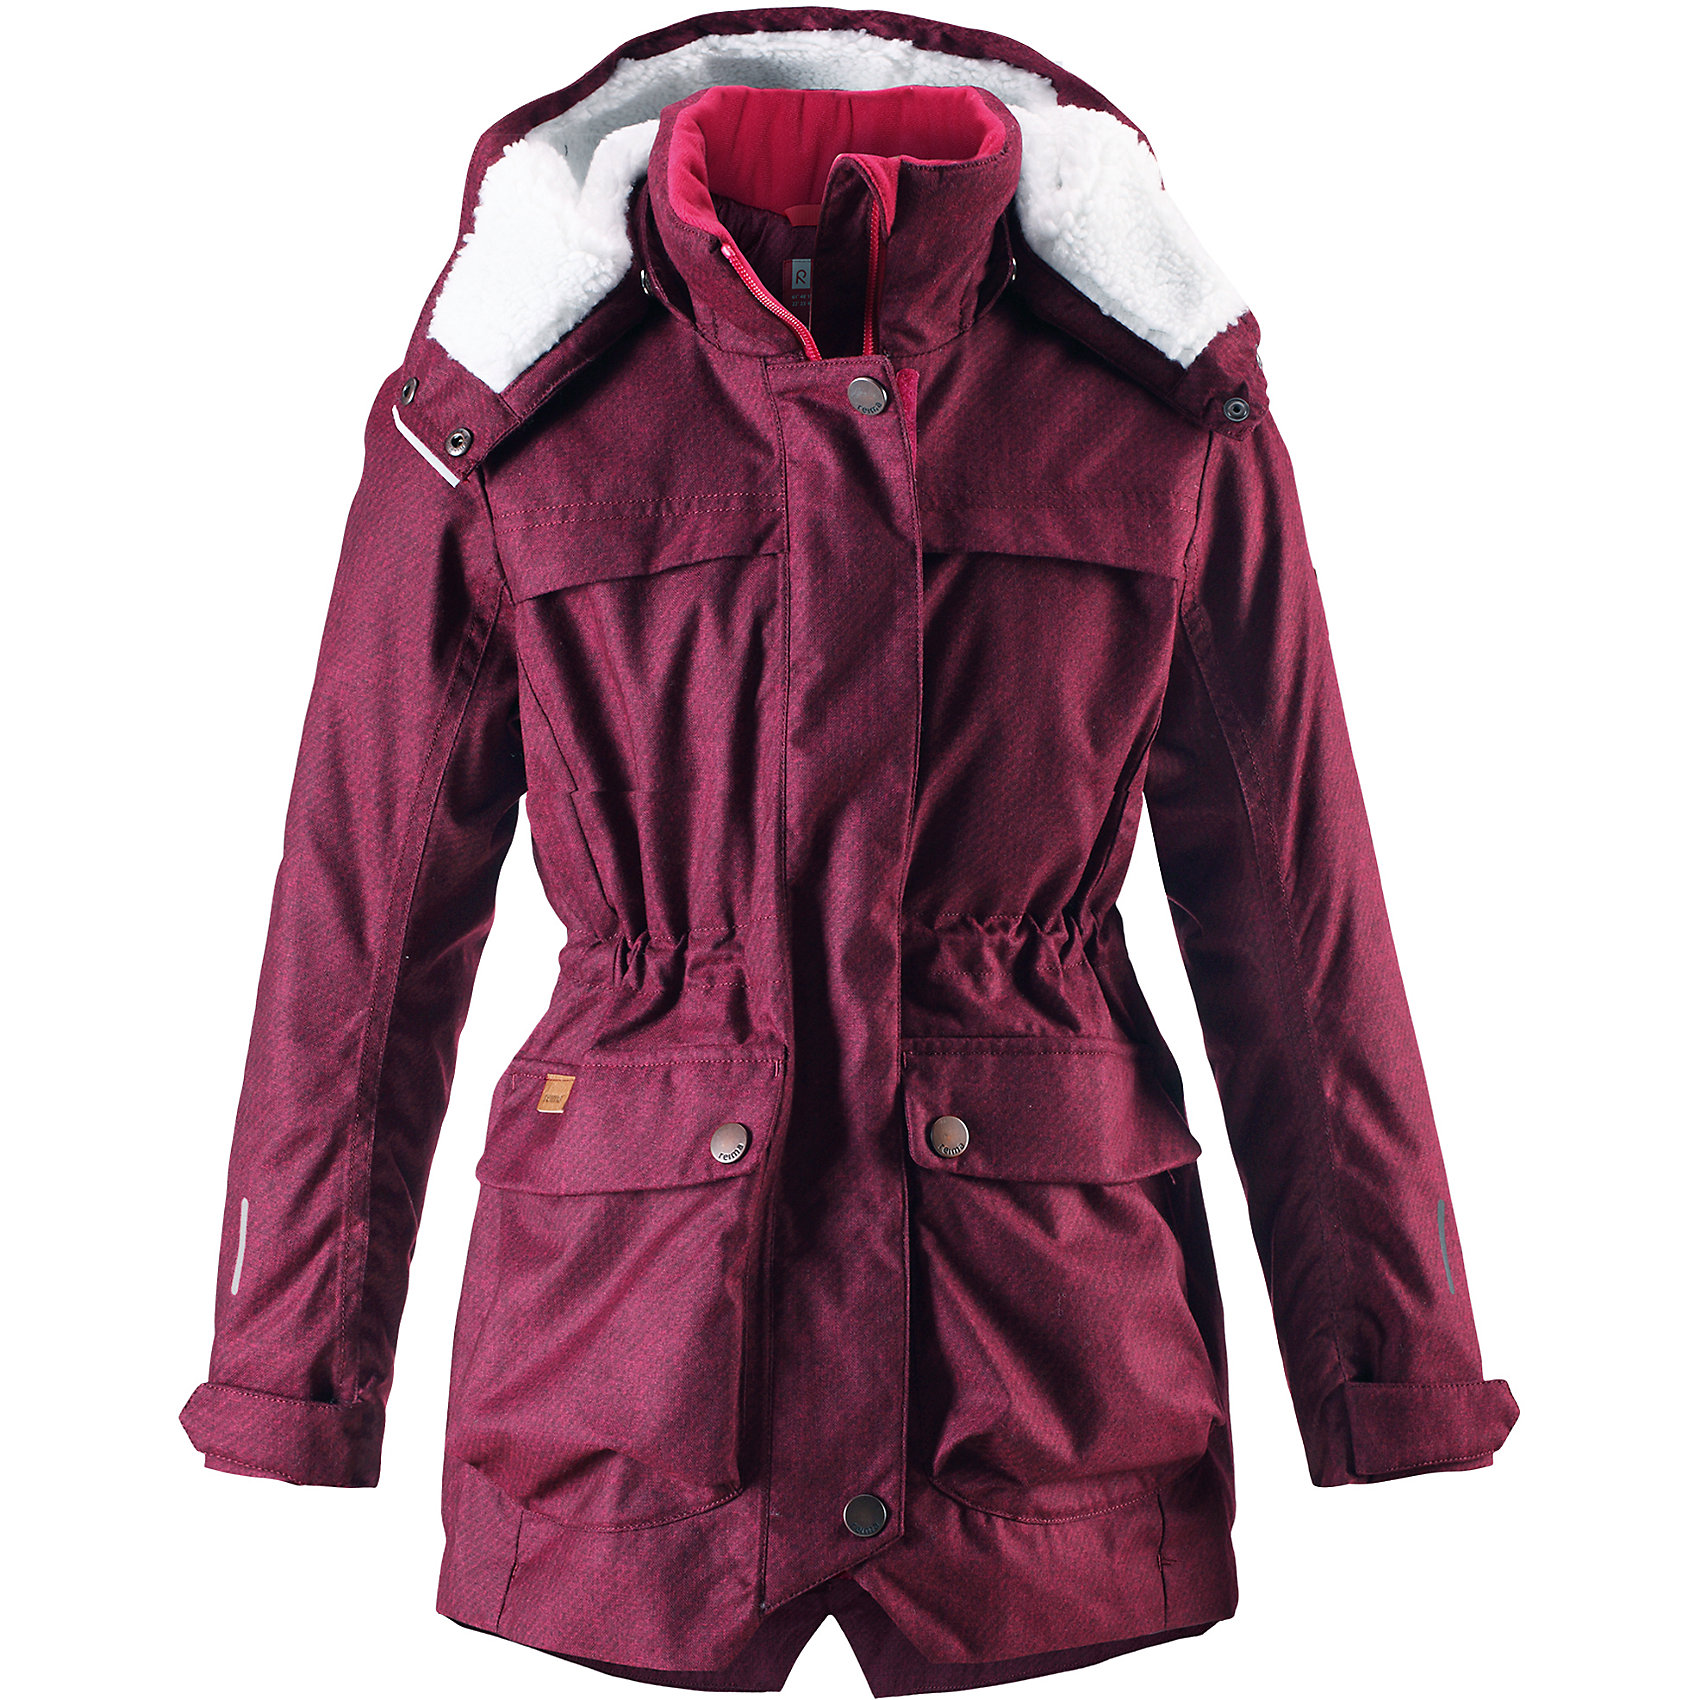 Куртка Pirkko Reima для девочкиОдежда<br>Теплая, водо- и ветронепроницаемая зимняя куртка Reimatec® для детей и подростков. Материал куртки не только водонепроницаемый, ветронепроницаемый и при этом дышащий, но также имеет водо- и грязеотталкивающую поверхность. Все основные швы проклеены, водонепроницаемы. Верхняя часть куртки и капюшон подбиты теплой стеганой подкладкой. <br><br>Куртка снабжена съемным капюшоном, что обеспечивает дополнительную безопасность во время активных прогулок – капюшон легко отстегивается, если случайно за что-нибудь зацепится. Образ довершают практичные детали: завязки на талии, два больших кармана с клапанами, длинная молния высокого качества и светоотражающие элементы.<br>Состав:<br>100% Полиэстер<br><br>Ширина мм: 356<br>Глубина мм: 10<br>Высота мм: 245<br>Вес г: 519<br>Цвет: розовый<br>Возраст от месяцев: 36<br>Возраст до месяцев: 48<br>Пол: Женский<br>Возраст: Детский<br>Размер: 104,164,158,152,146,140,134,128,122,116,110<br>SKU: 6968133